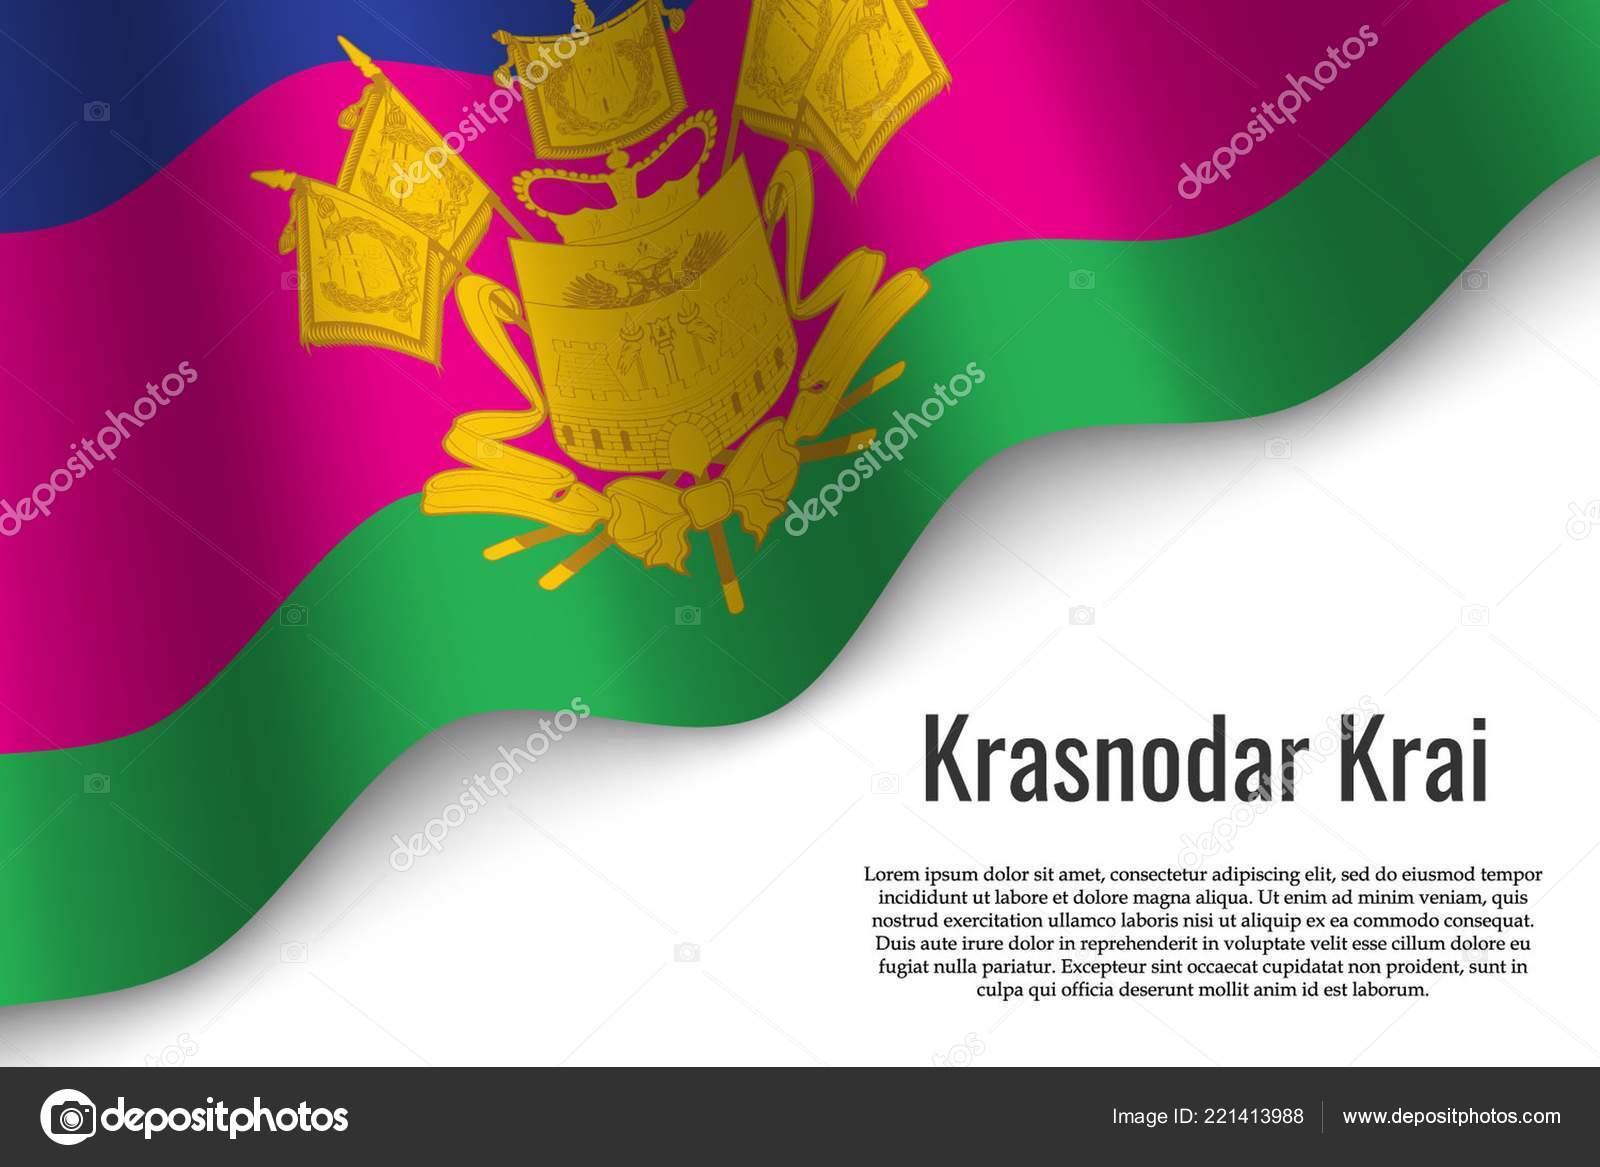 Zwaaien Vlag Van Kraj Krasnodar Een Regio Van Rusland Transparante Stockvector C Grebeshkovmaxim Gmail Com 221413988